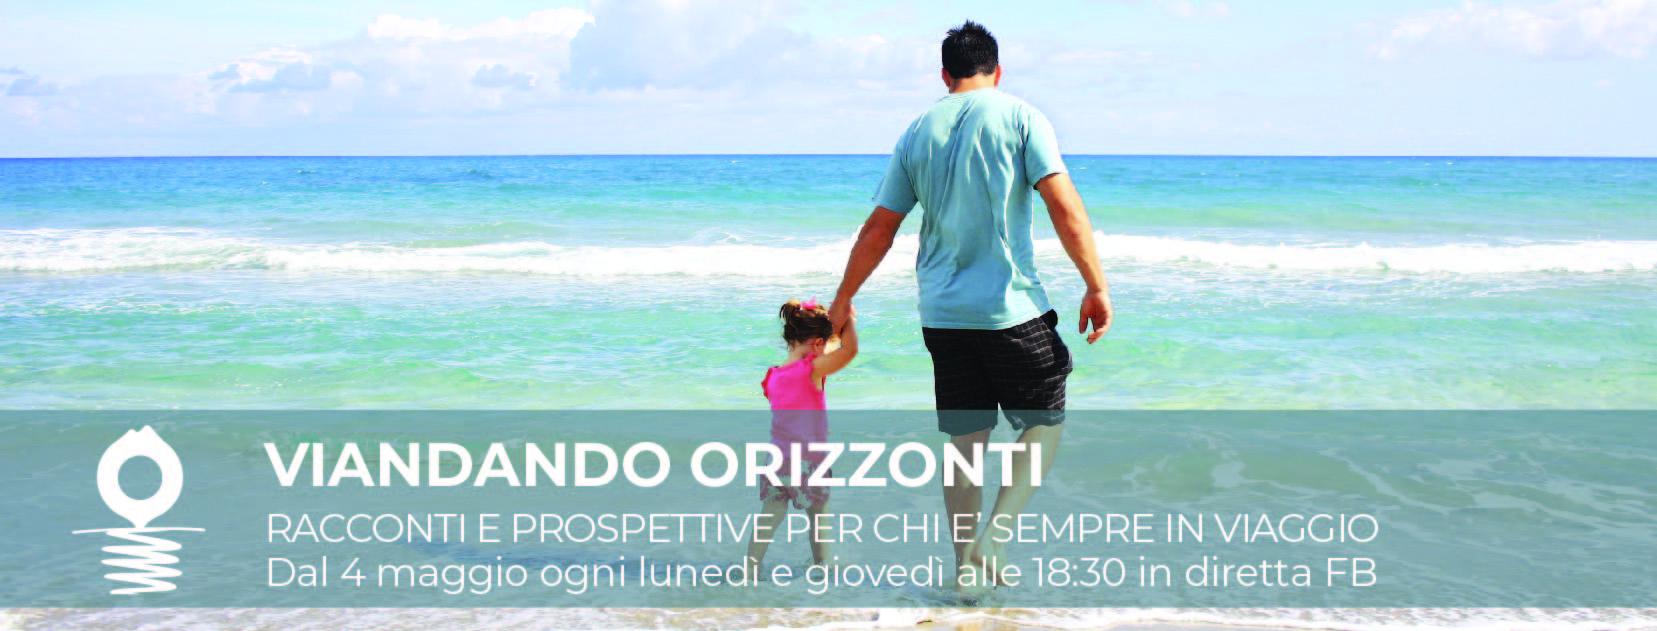 Viandando Orizzonti